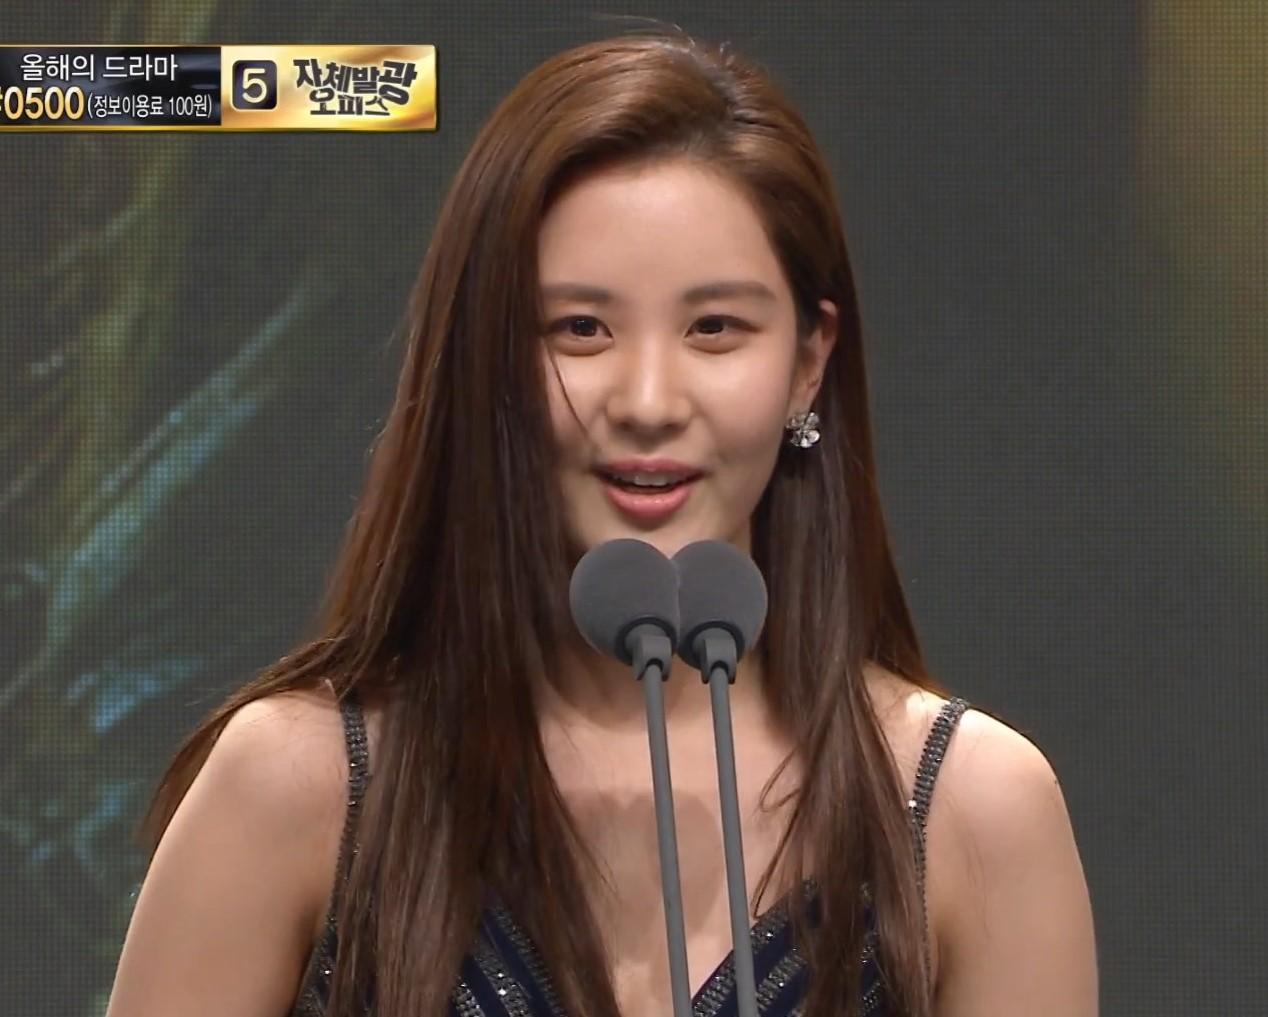 SNSD SeoHyun won Best New Actress at the 2017 MBC Drama